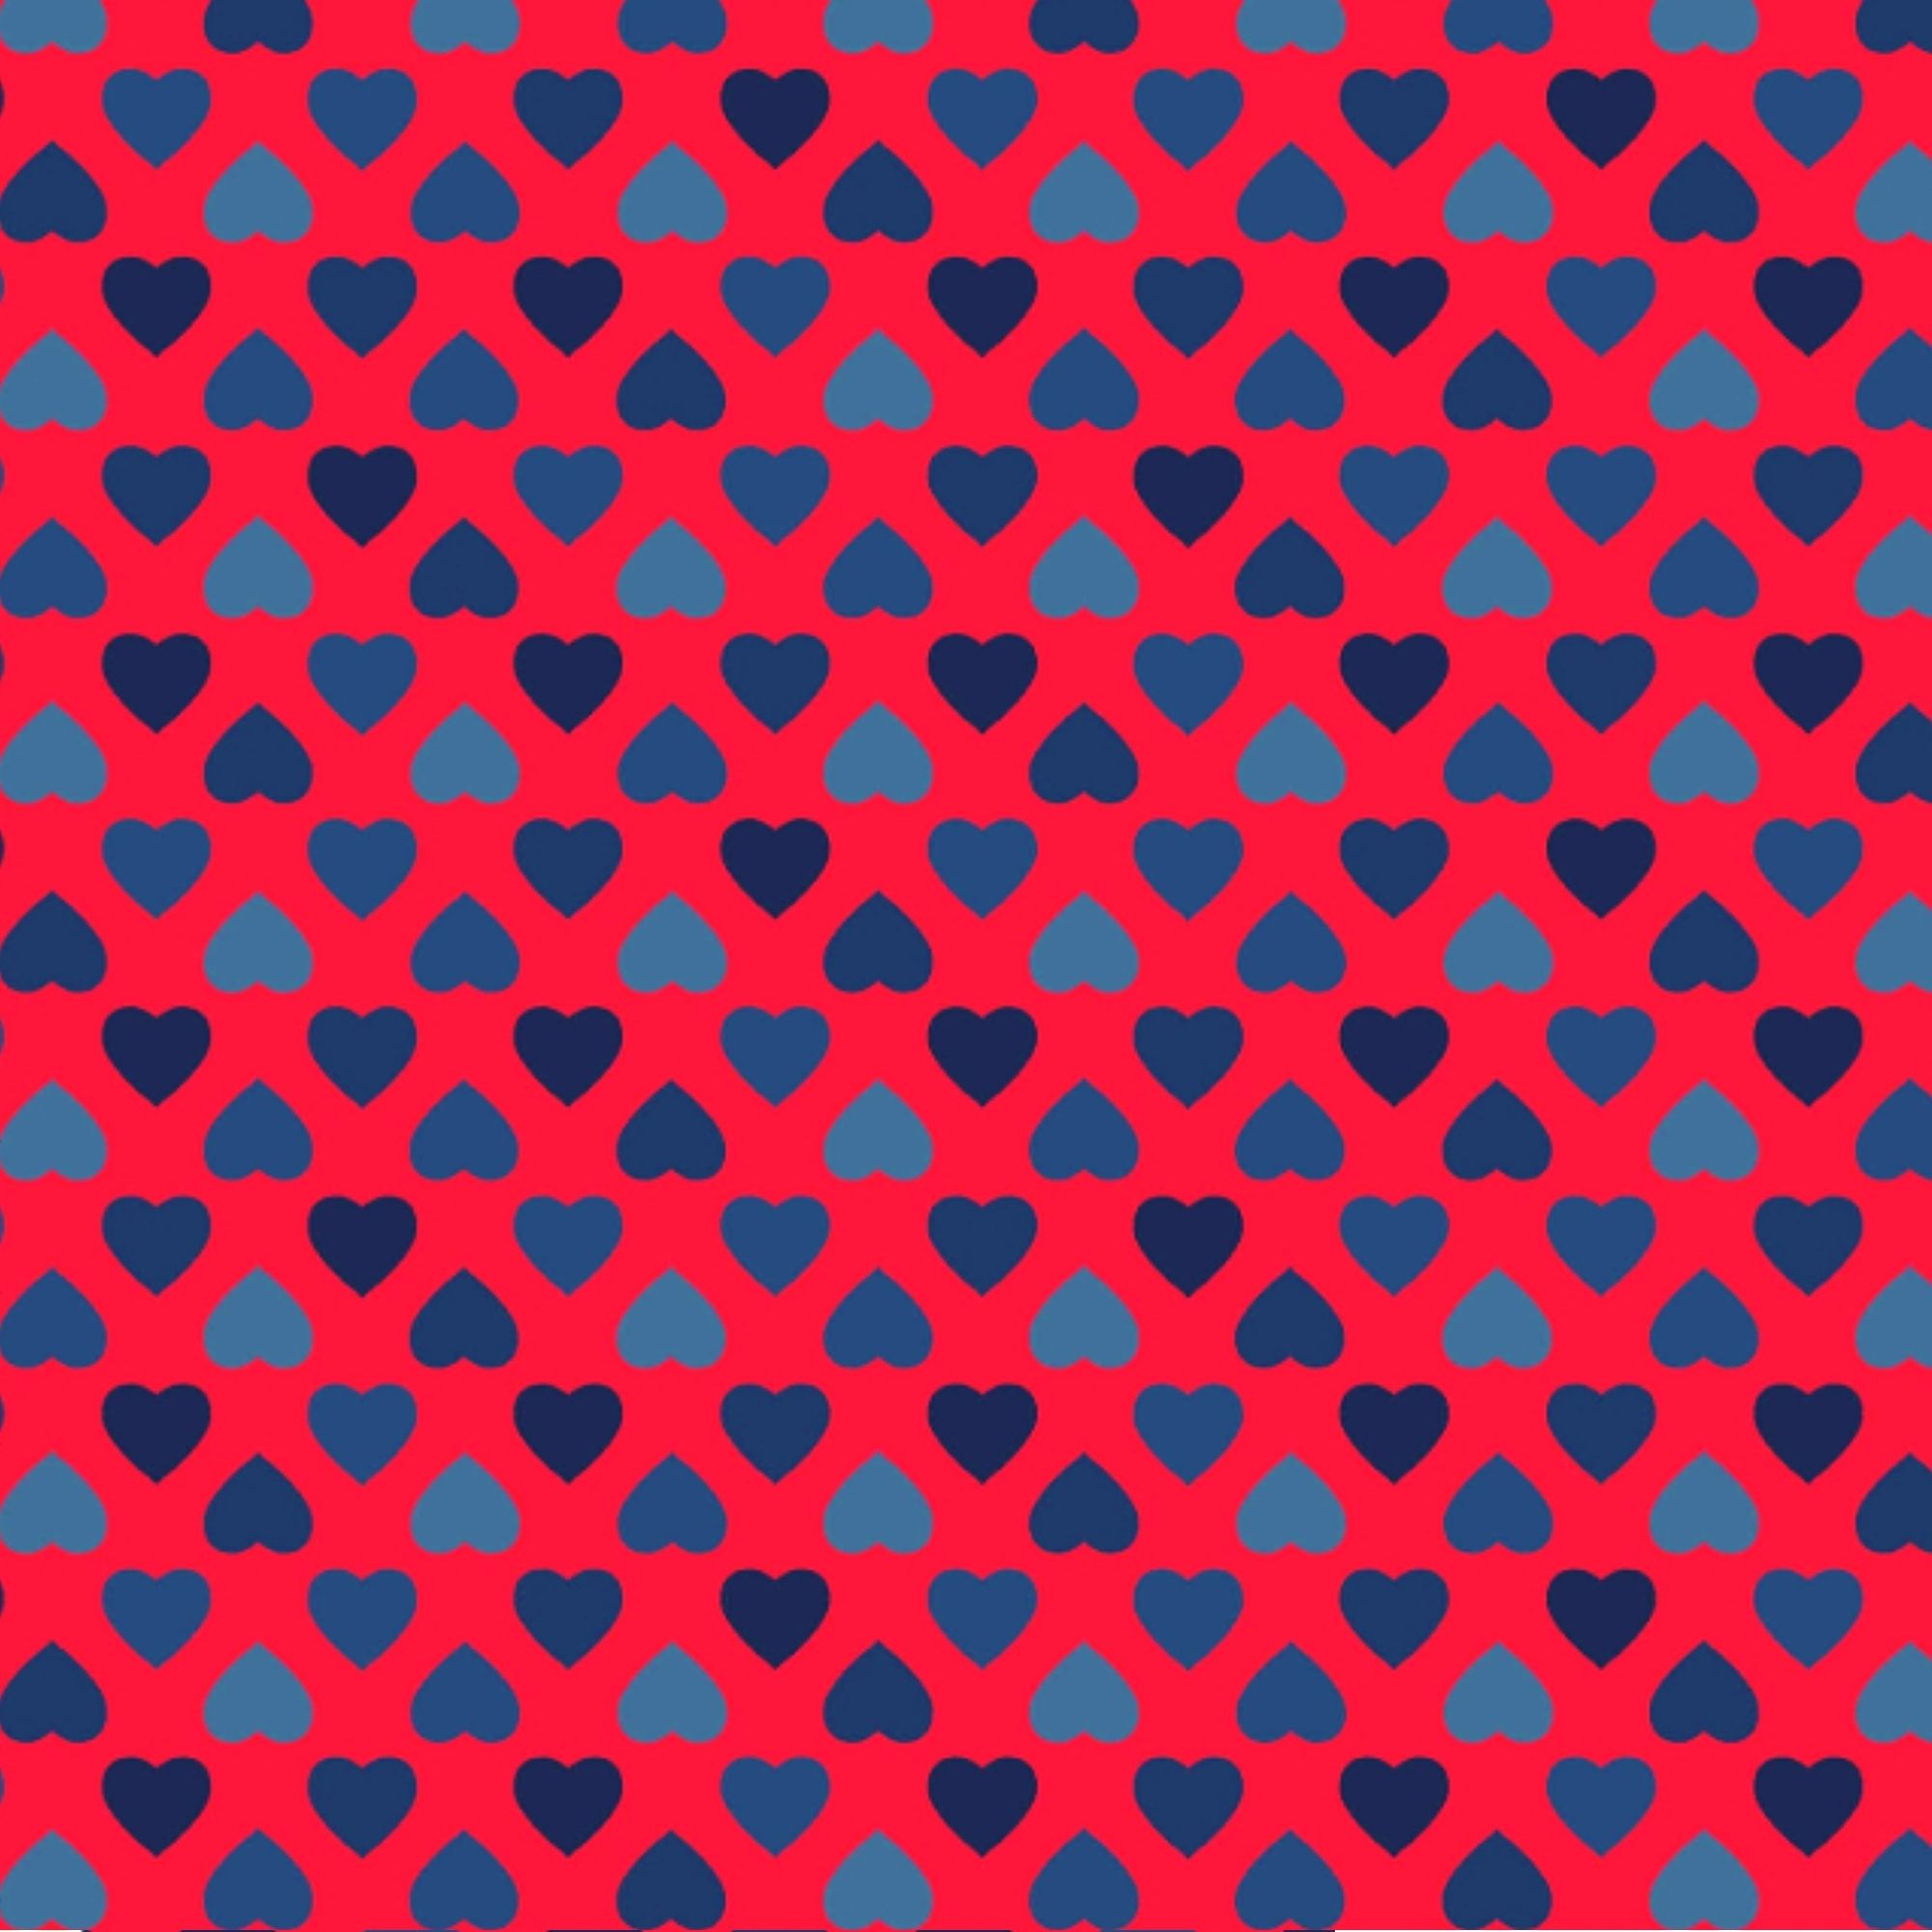 Tecido Tricoline  Estampa Corações Azuis - Fundo Vermelho - Coleção Amor Amour Amore Love